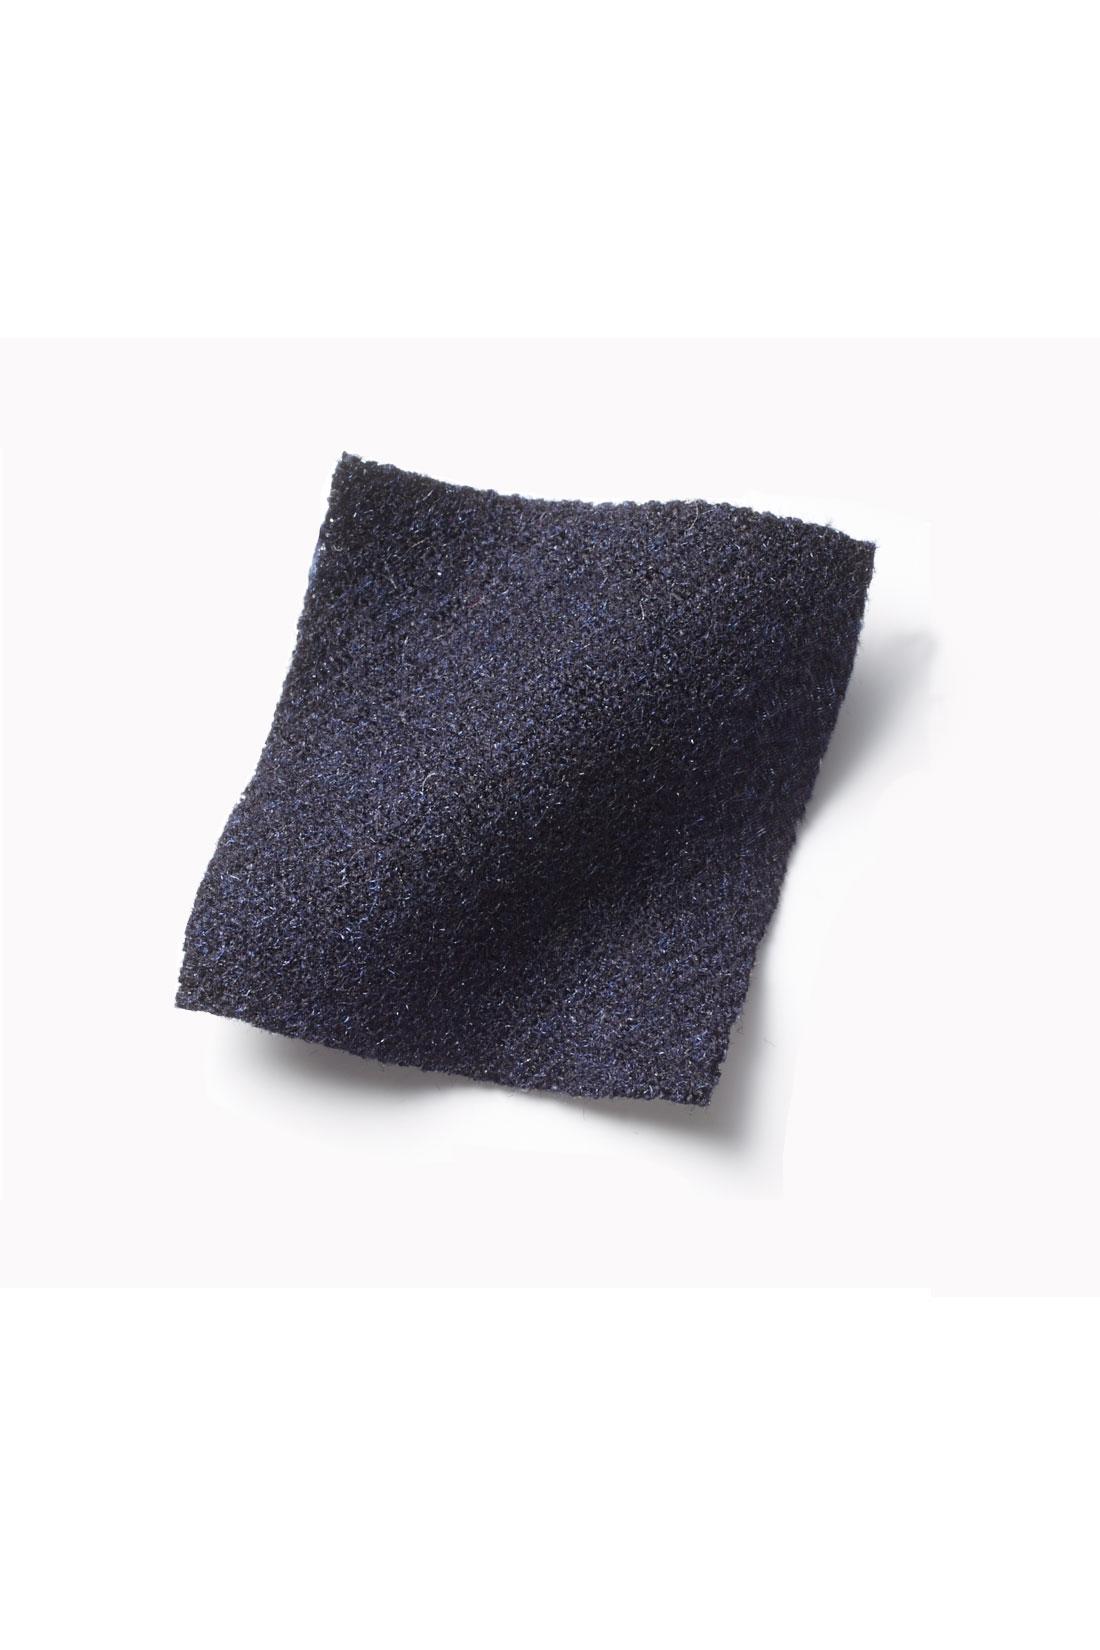 ウールライクなポリエステル素材を採用。しわが気になりにくく、自宅で洗えるイージーケアが魅力です。